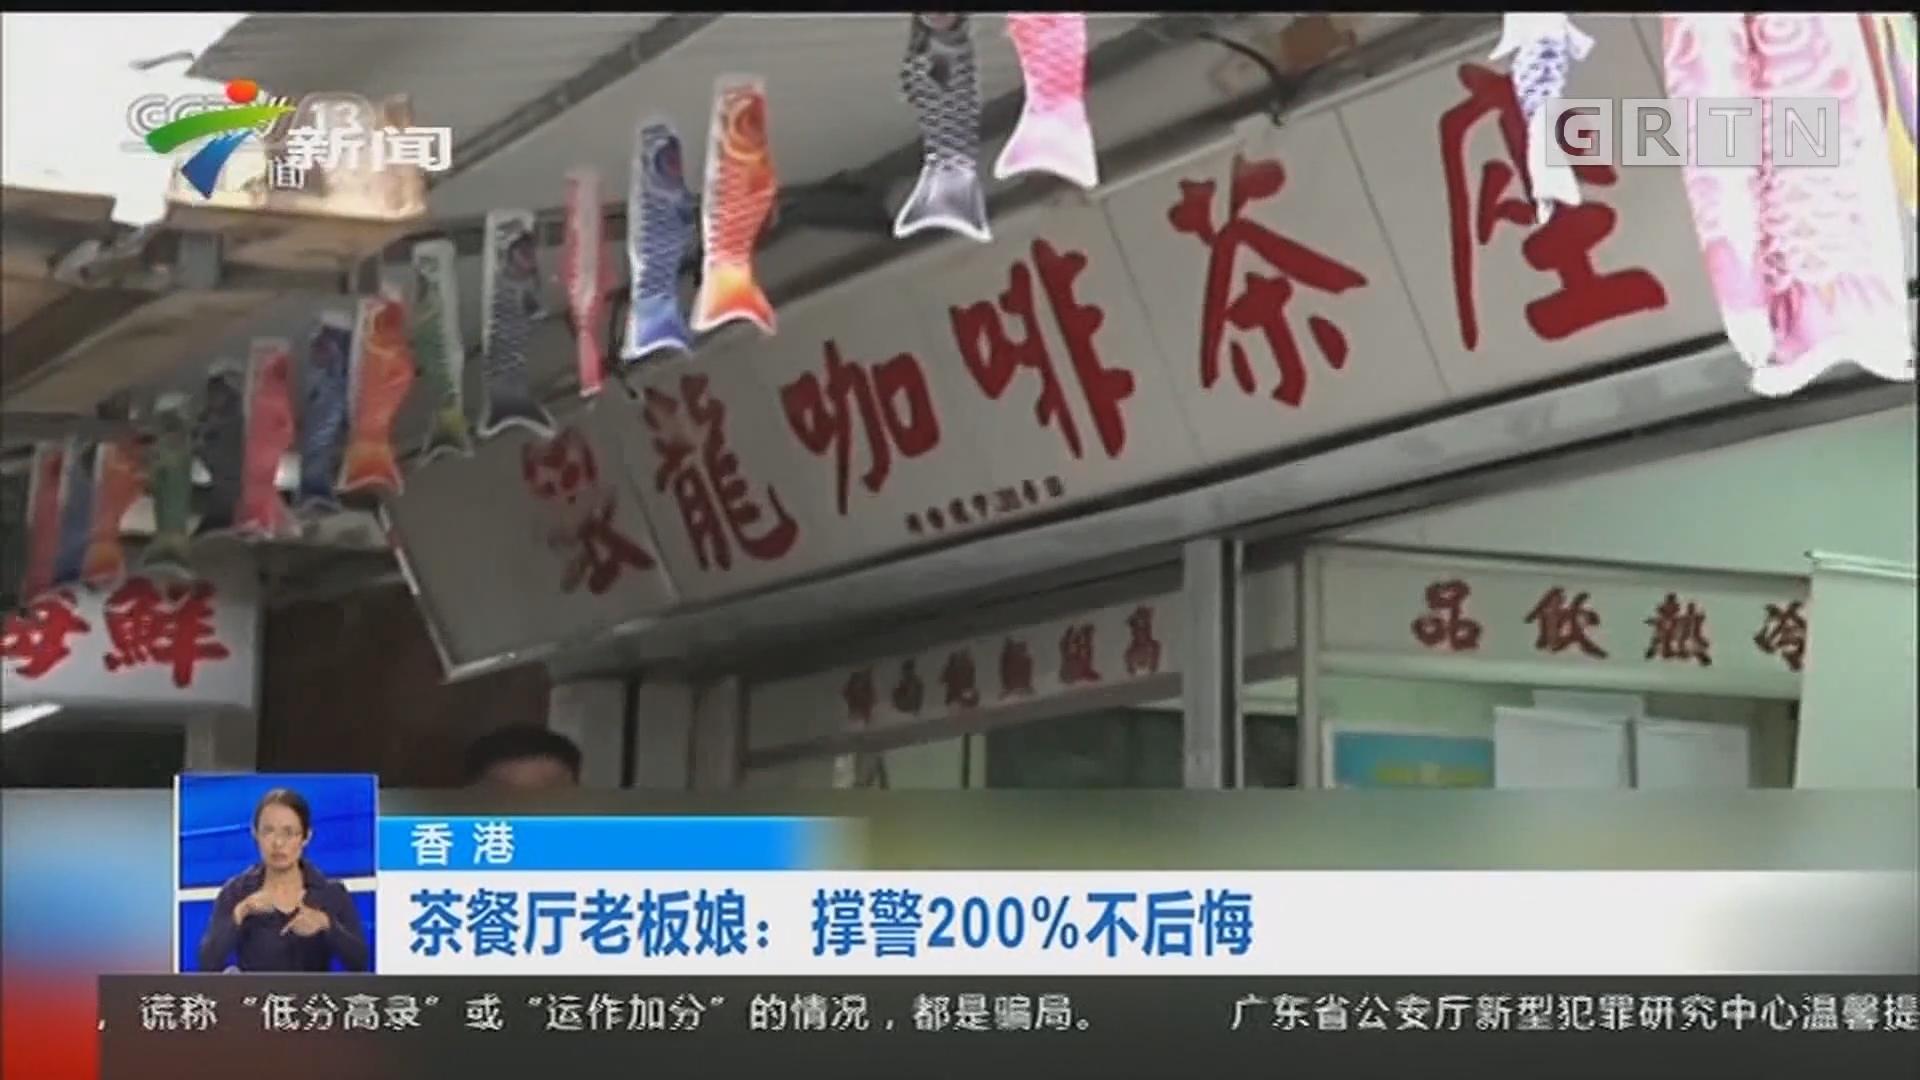 香港 茶餐厅老板娘:撑警200%不后悔